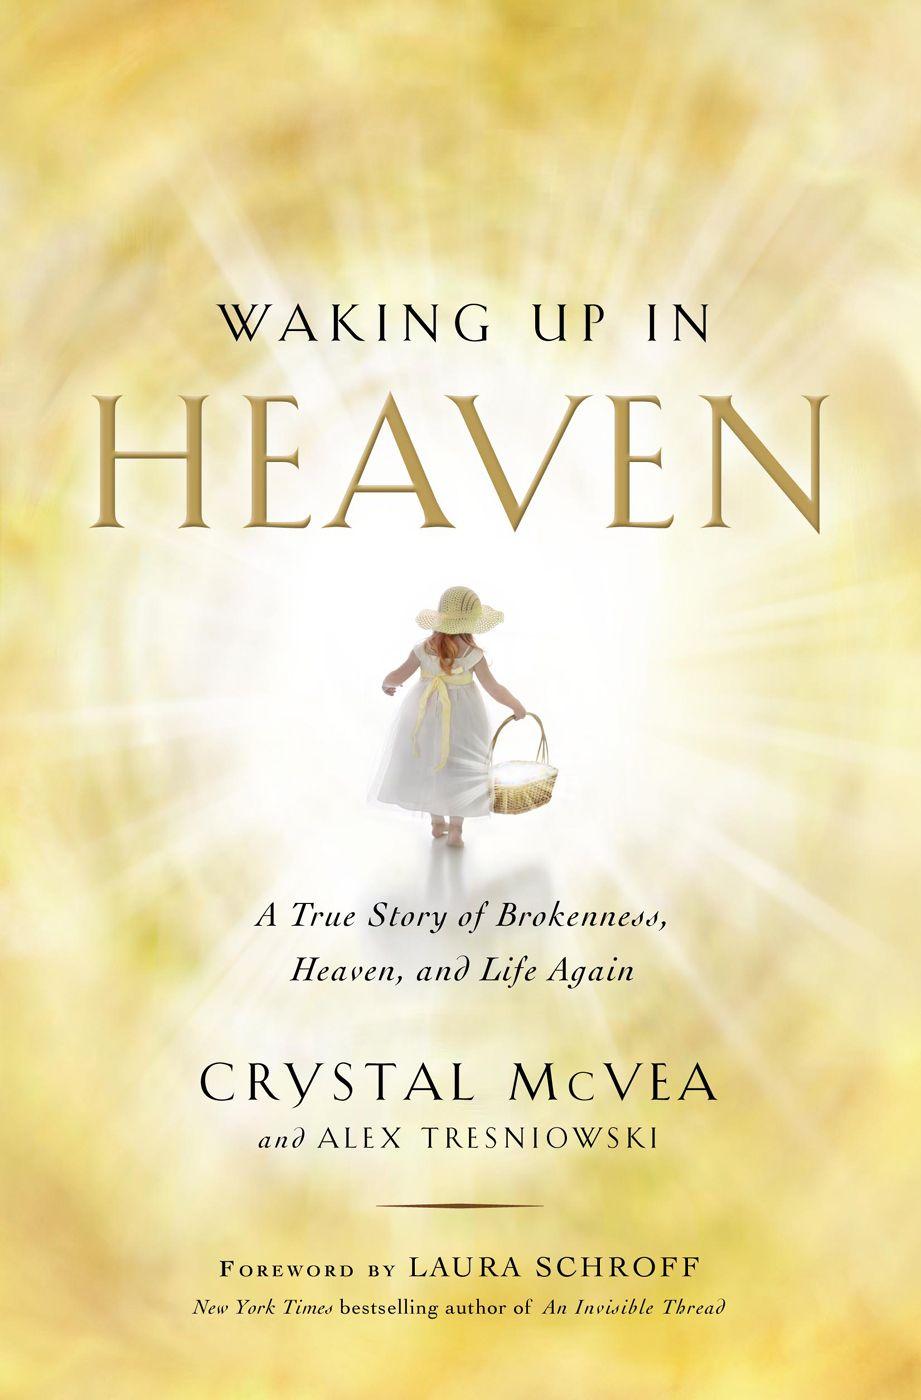 Правдивая история сокрушенности, Небес и возвращения к жизни